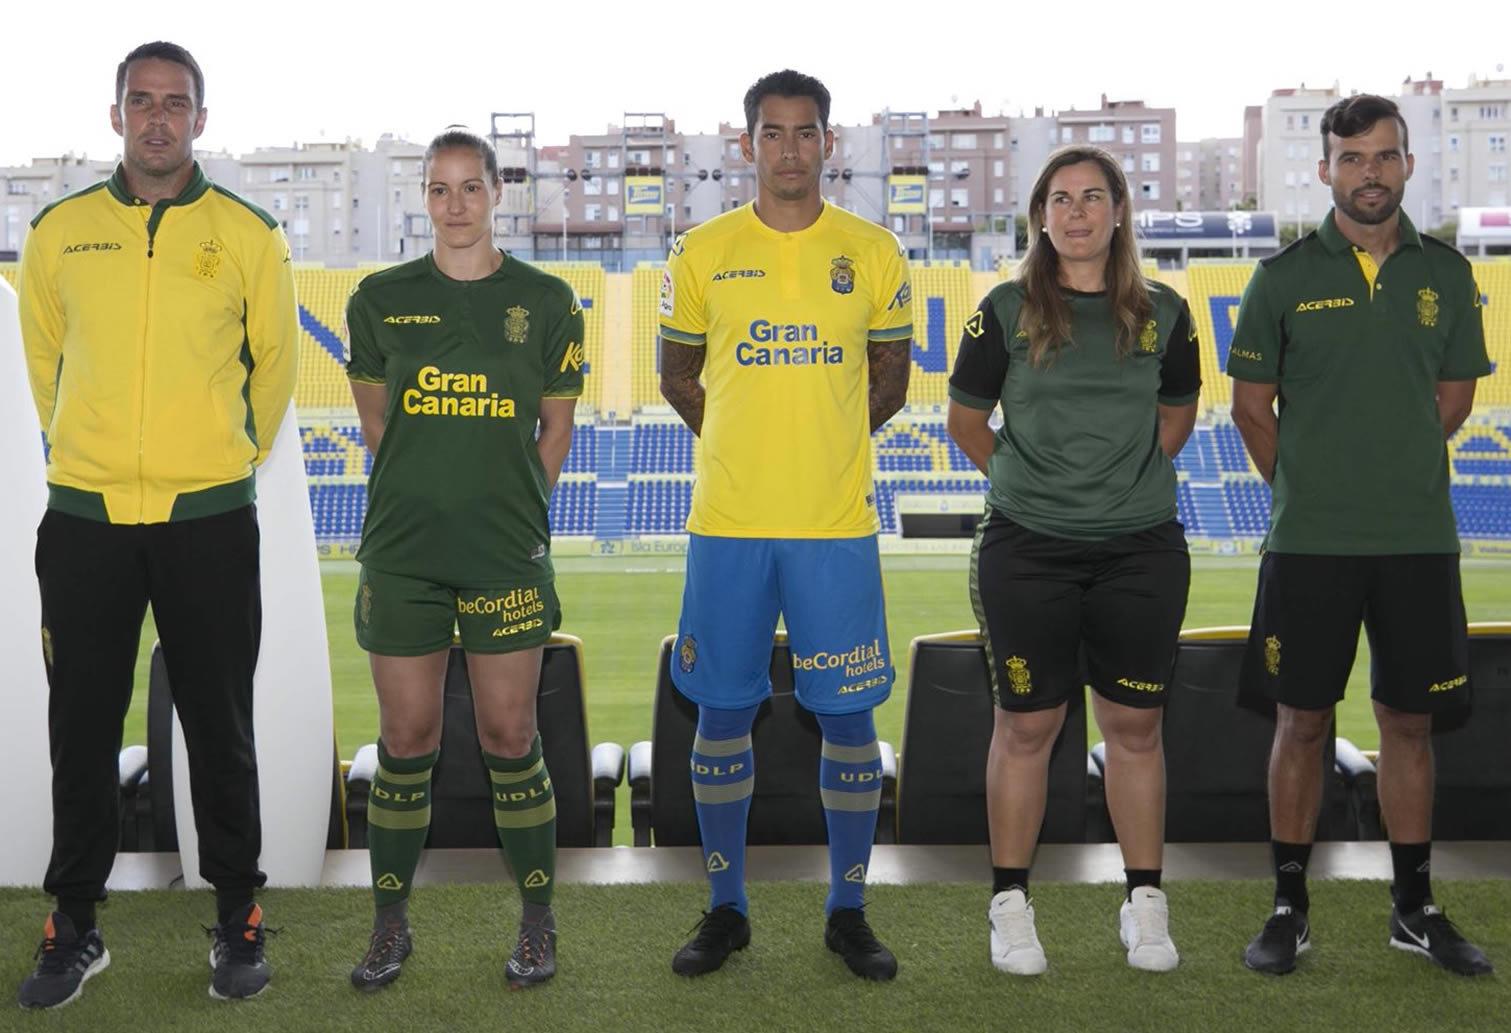 Equipaciones Acerbis de la UD Las Palmas 2018/19 | Imagen Web Oficial